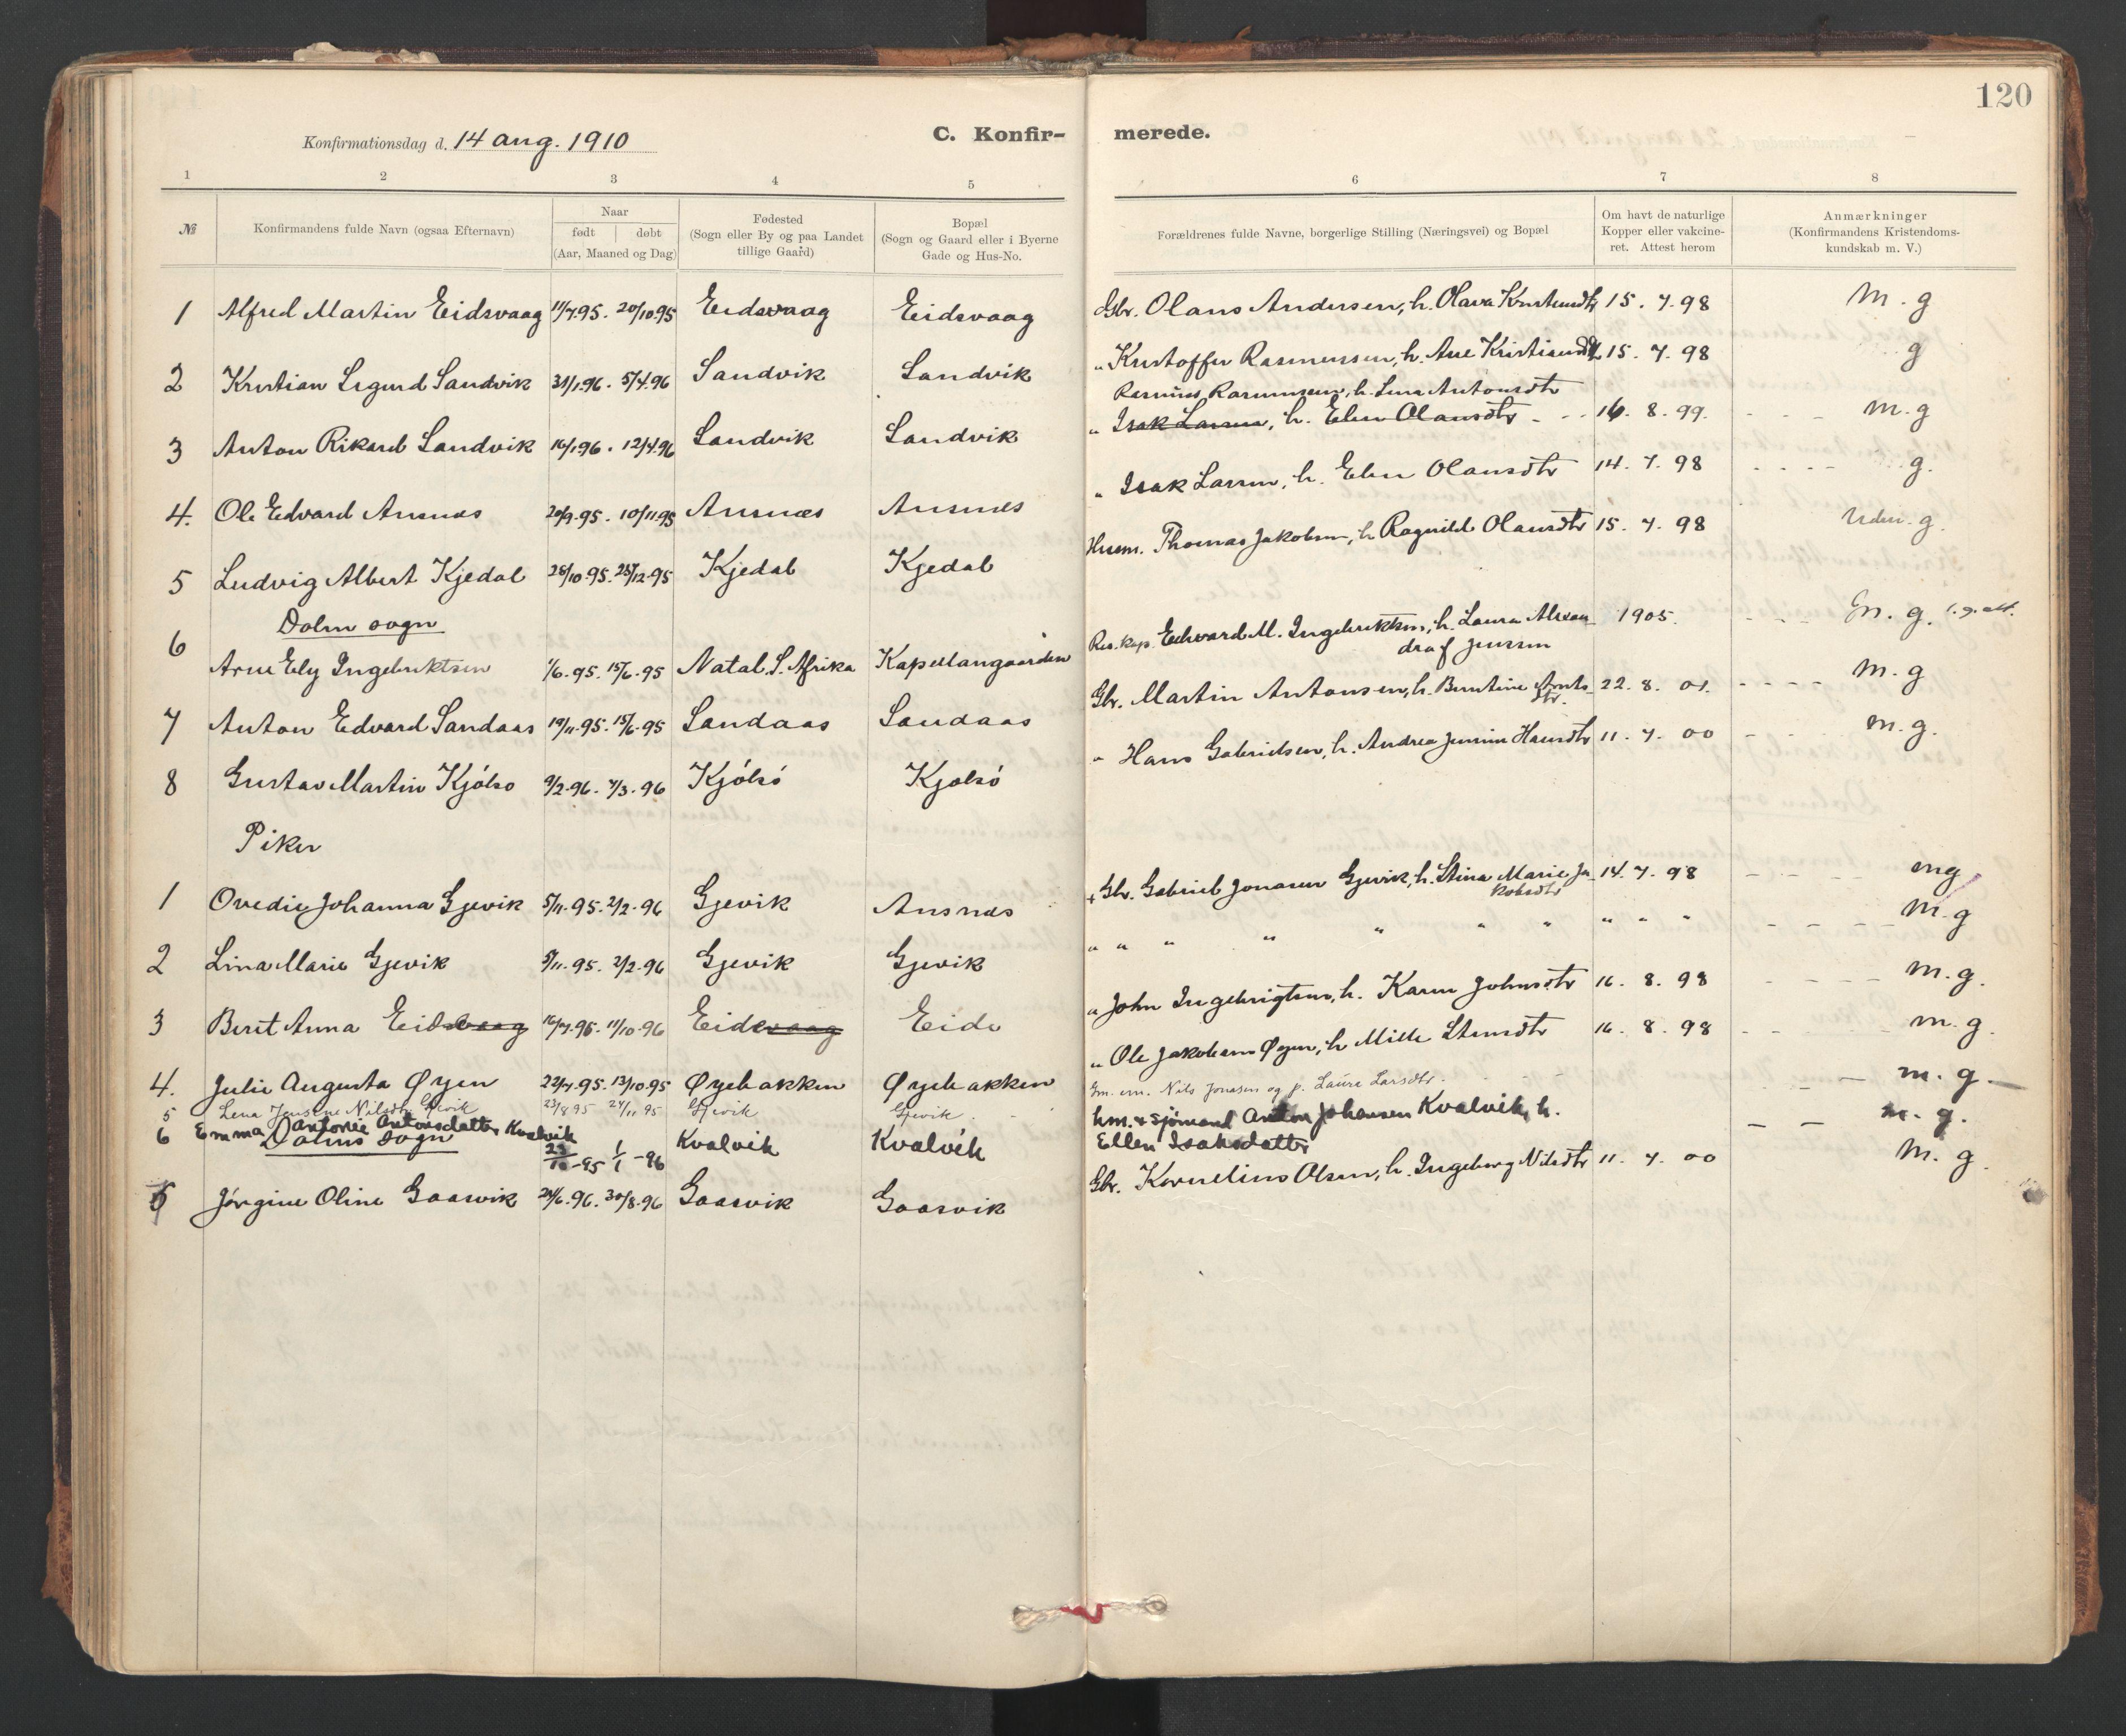 SAT, Ministerialprotokoller, klokkerbøker og fødselsregistre - Sør-Trøndelag, 637/L0559: Ministerialbok nr. 637A02, 1899-1923, s. 120